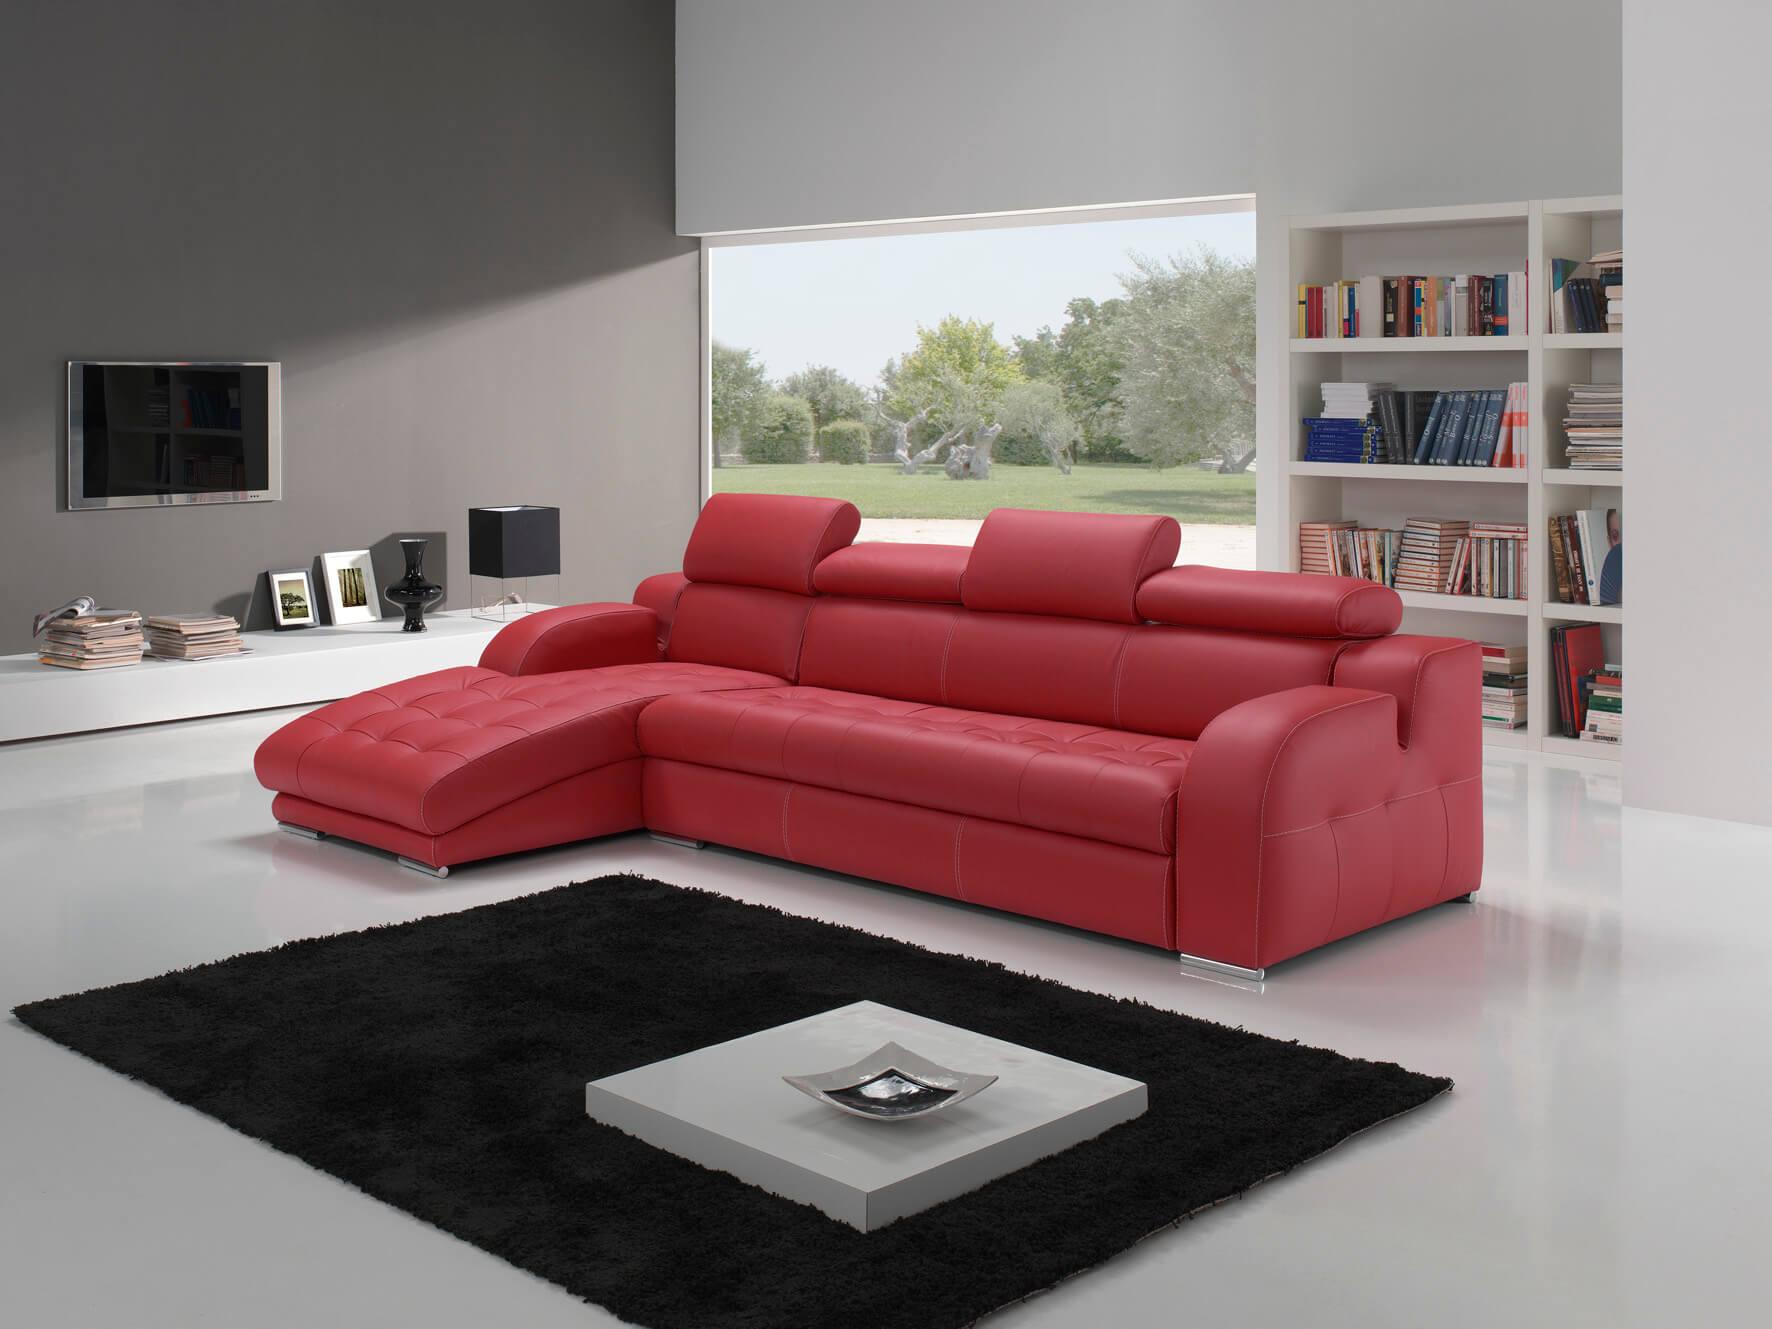 amelie sofa giotto living sofa relax sofa ange sofa sofabed